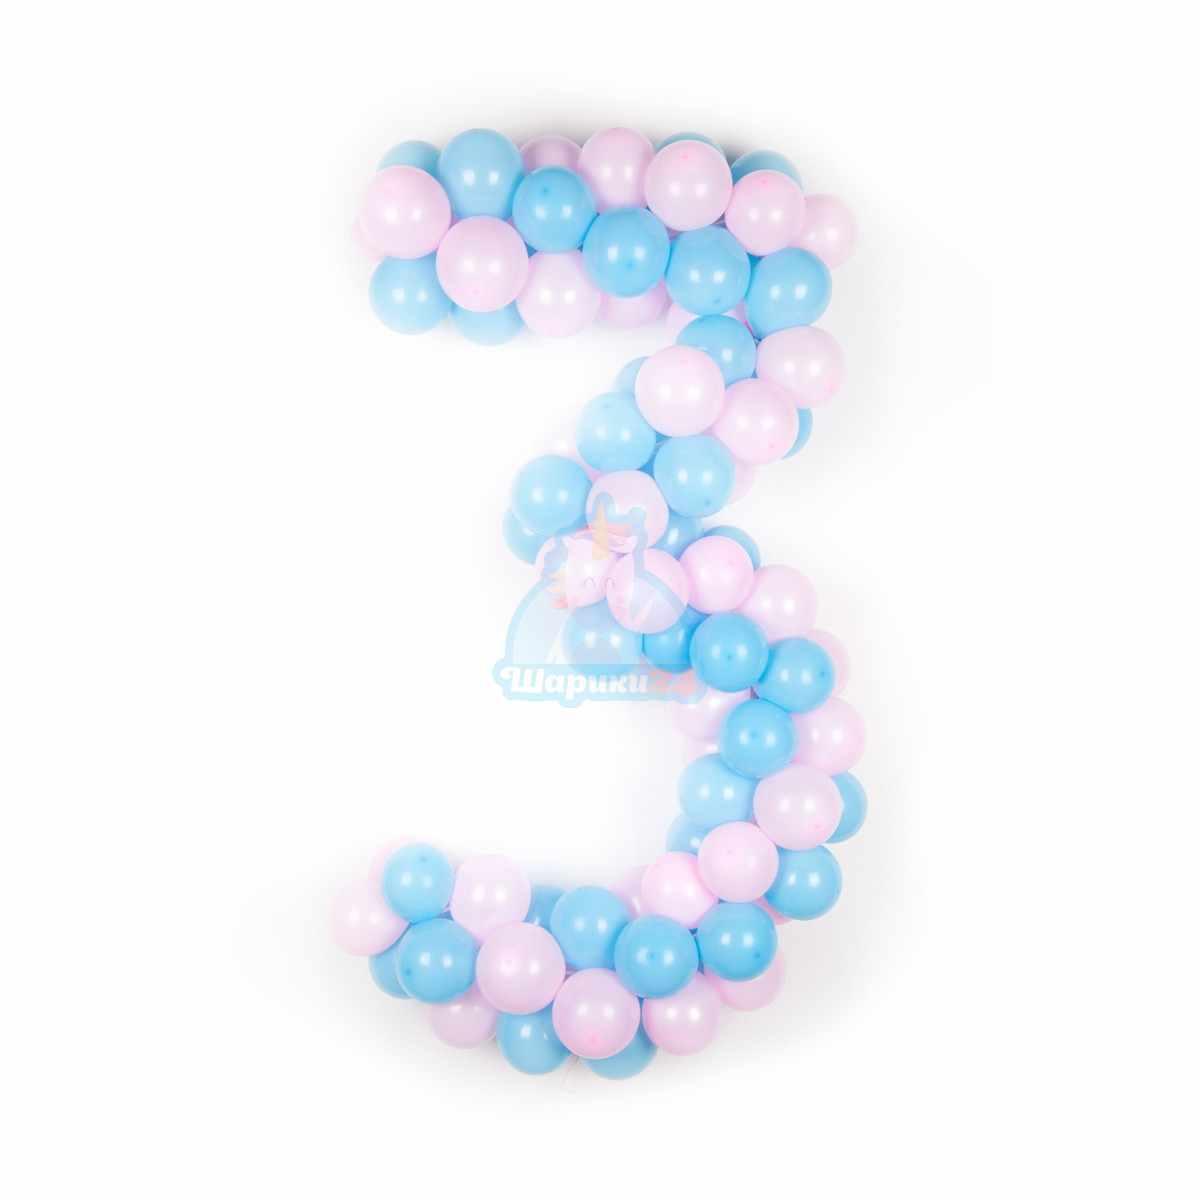 Цифры из шаров фото в интернет-магазине Шарики 24